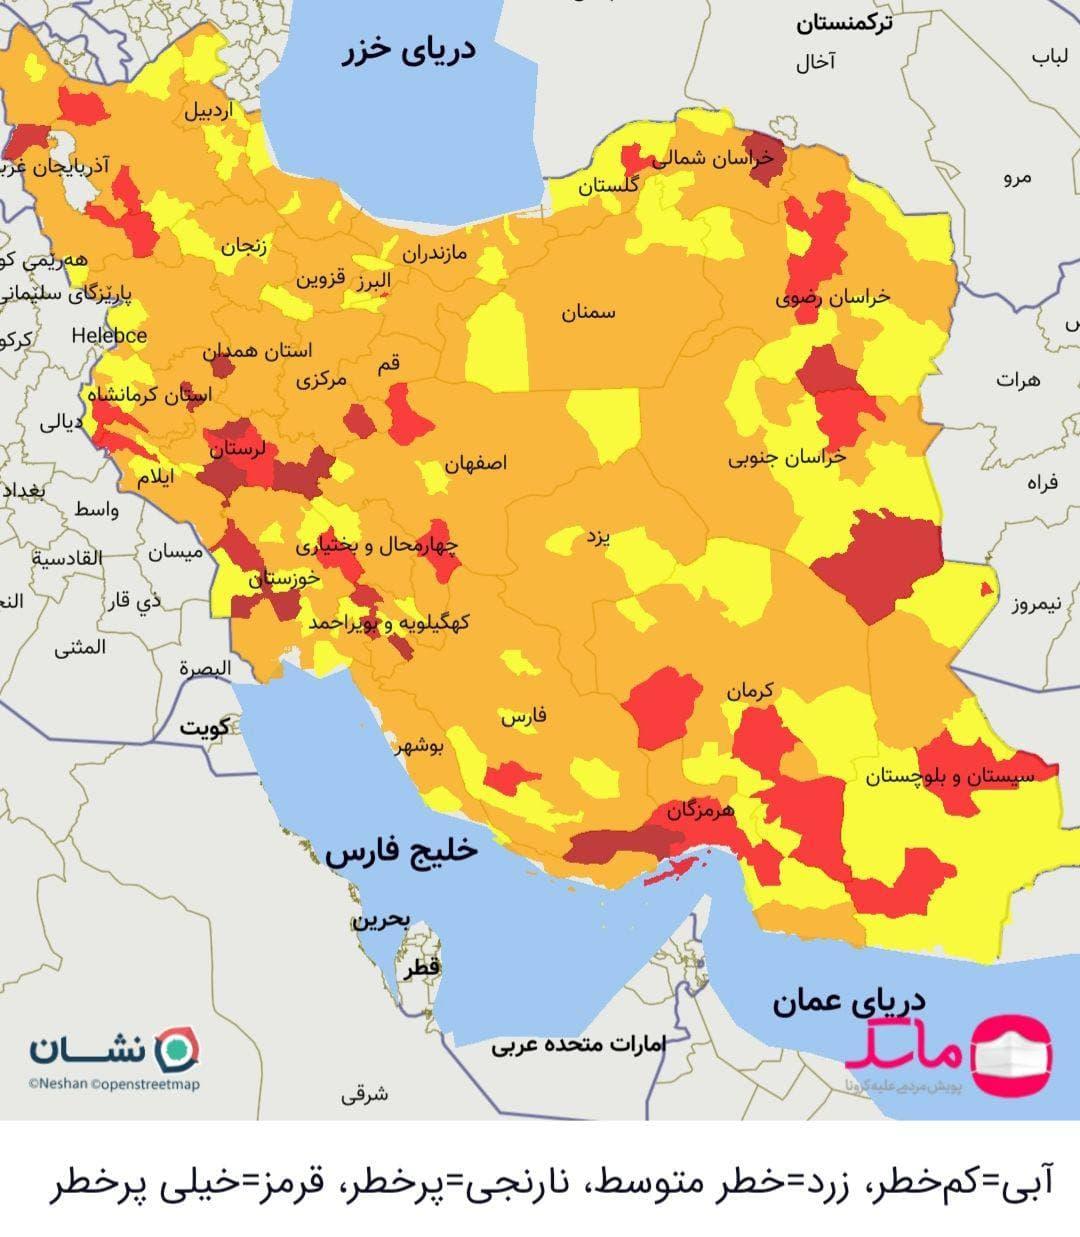 اخرین وضعیت شهرهای قرمز کرونا امروز